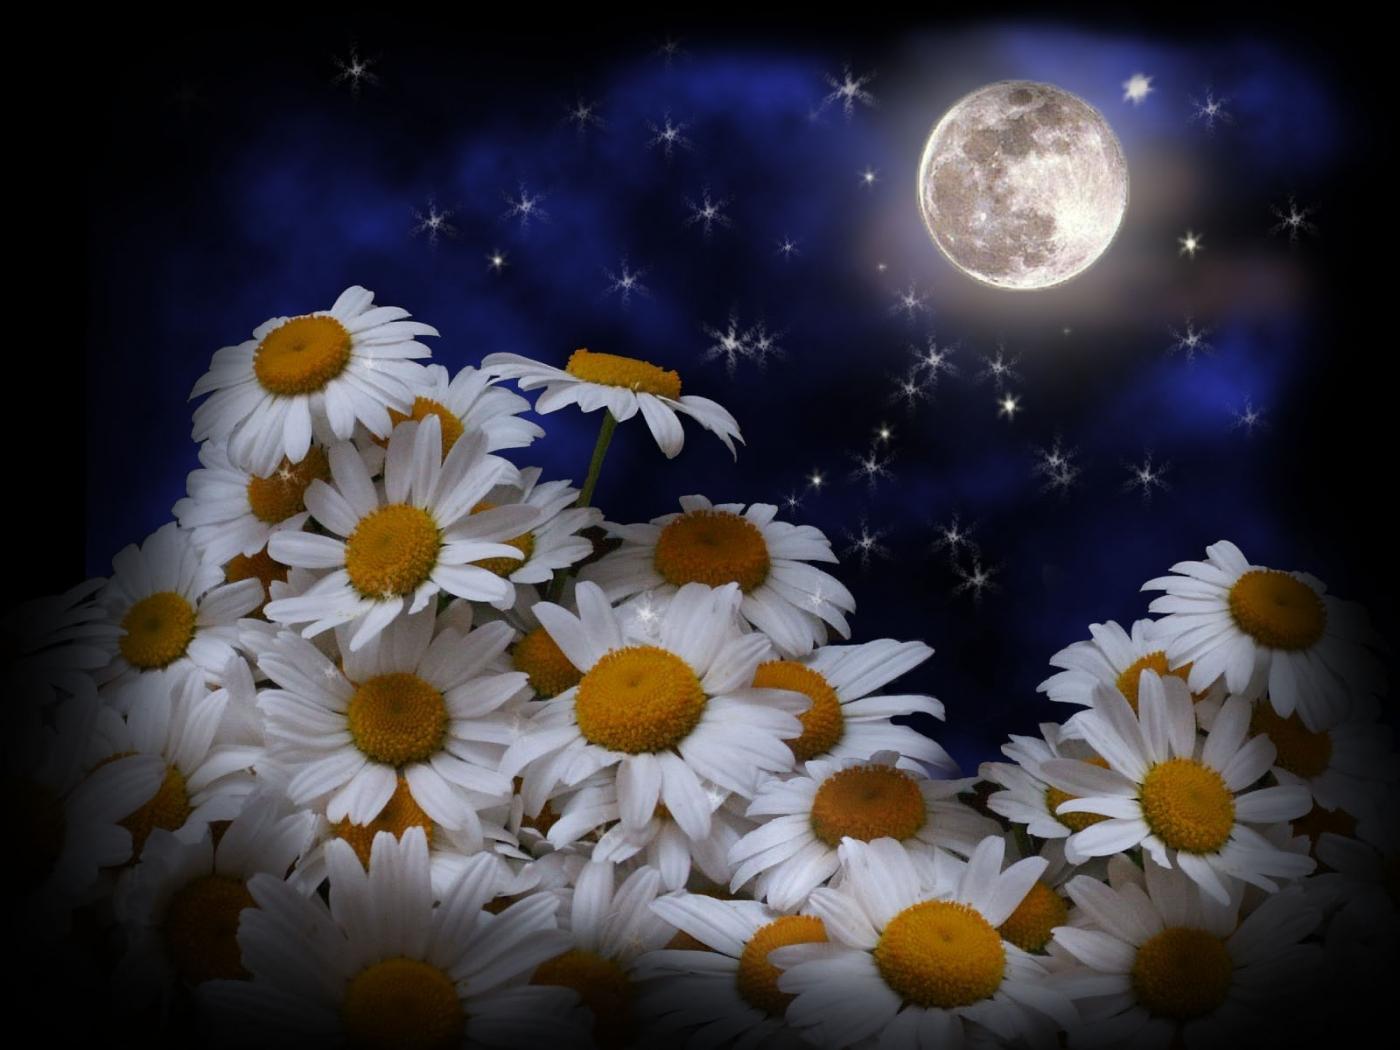 Скачать картинку Луна, Растения, Ромашки, Цветы в телефон бесплатно.